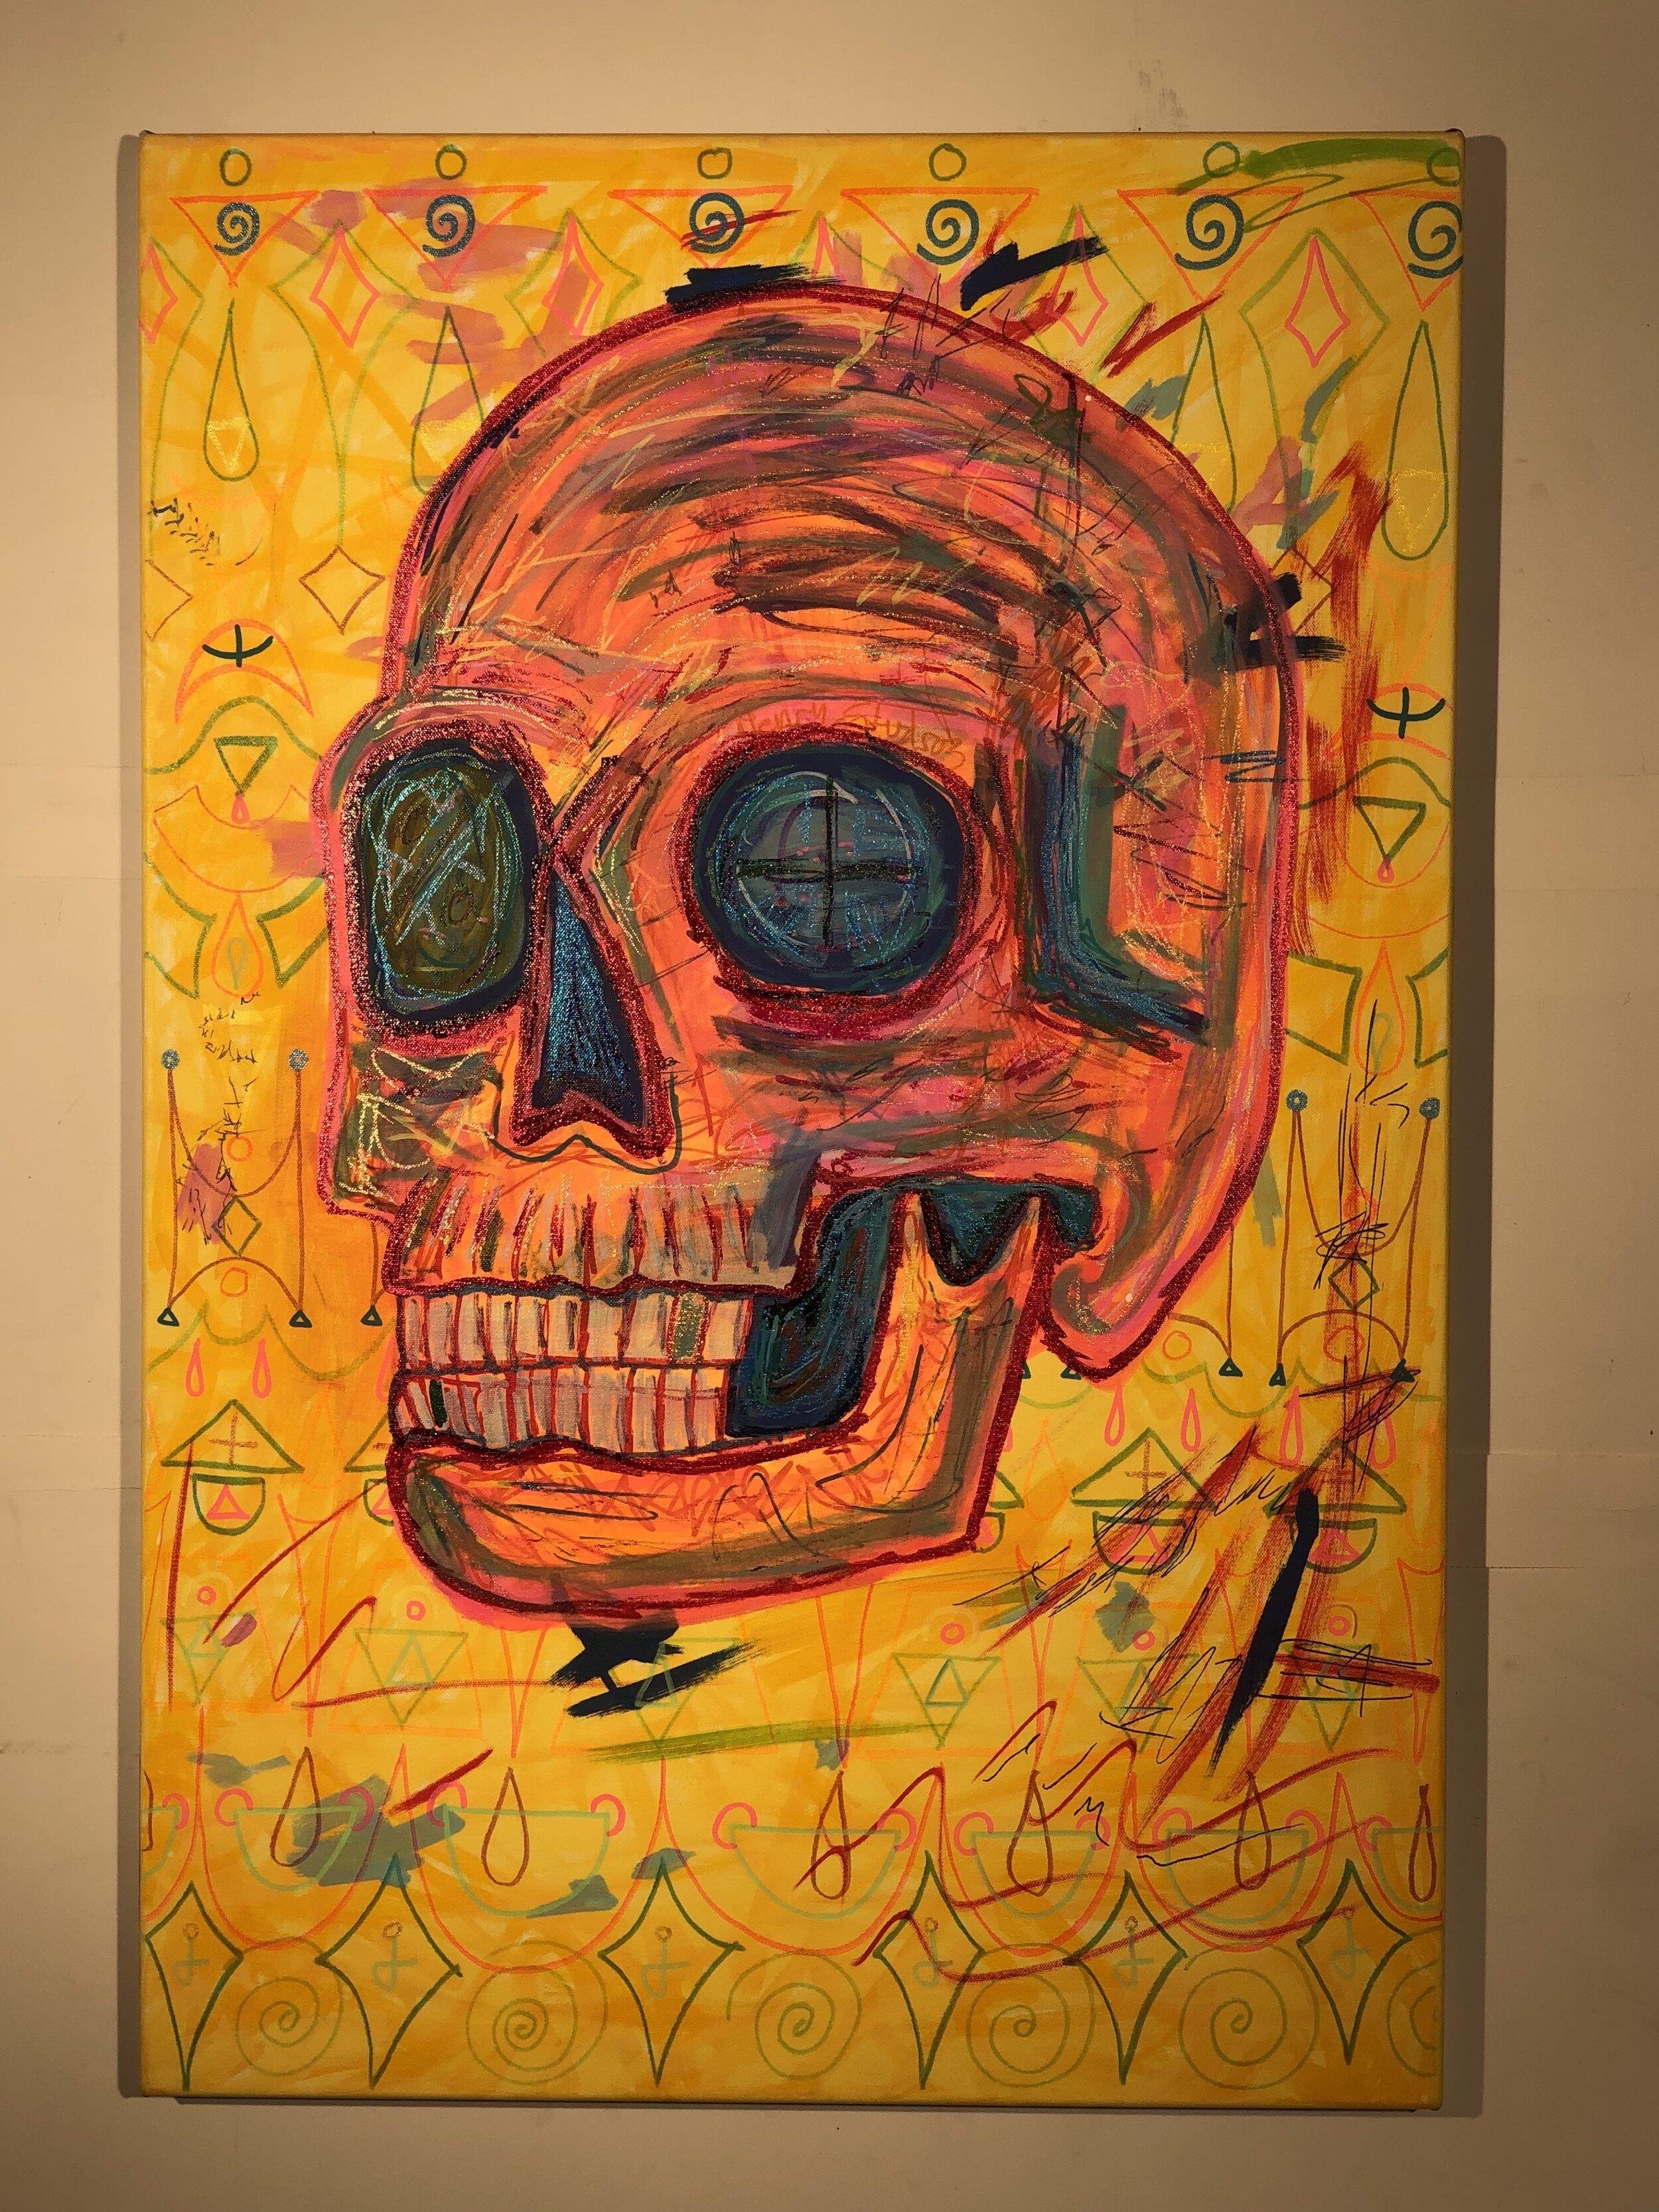 Title: Skull